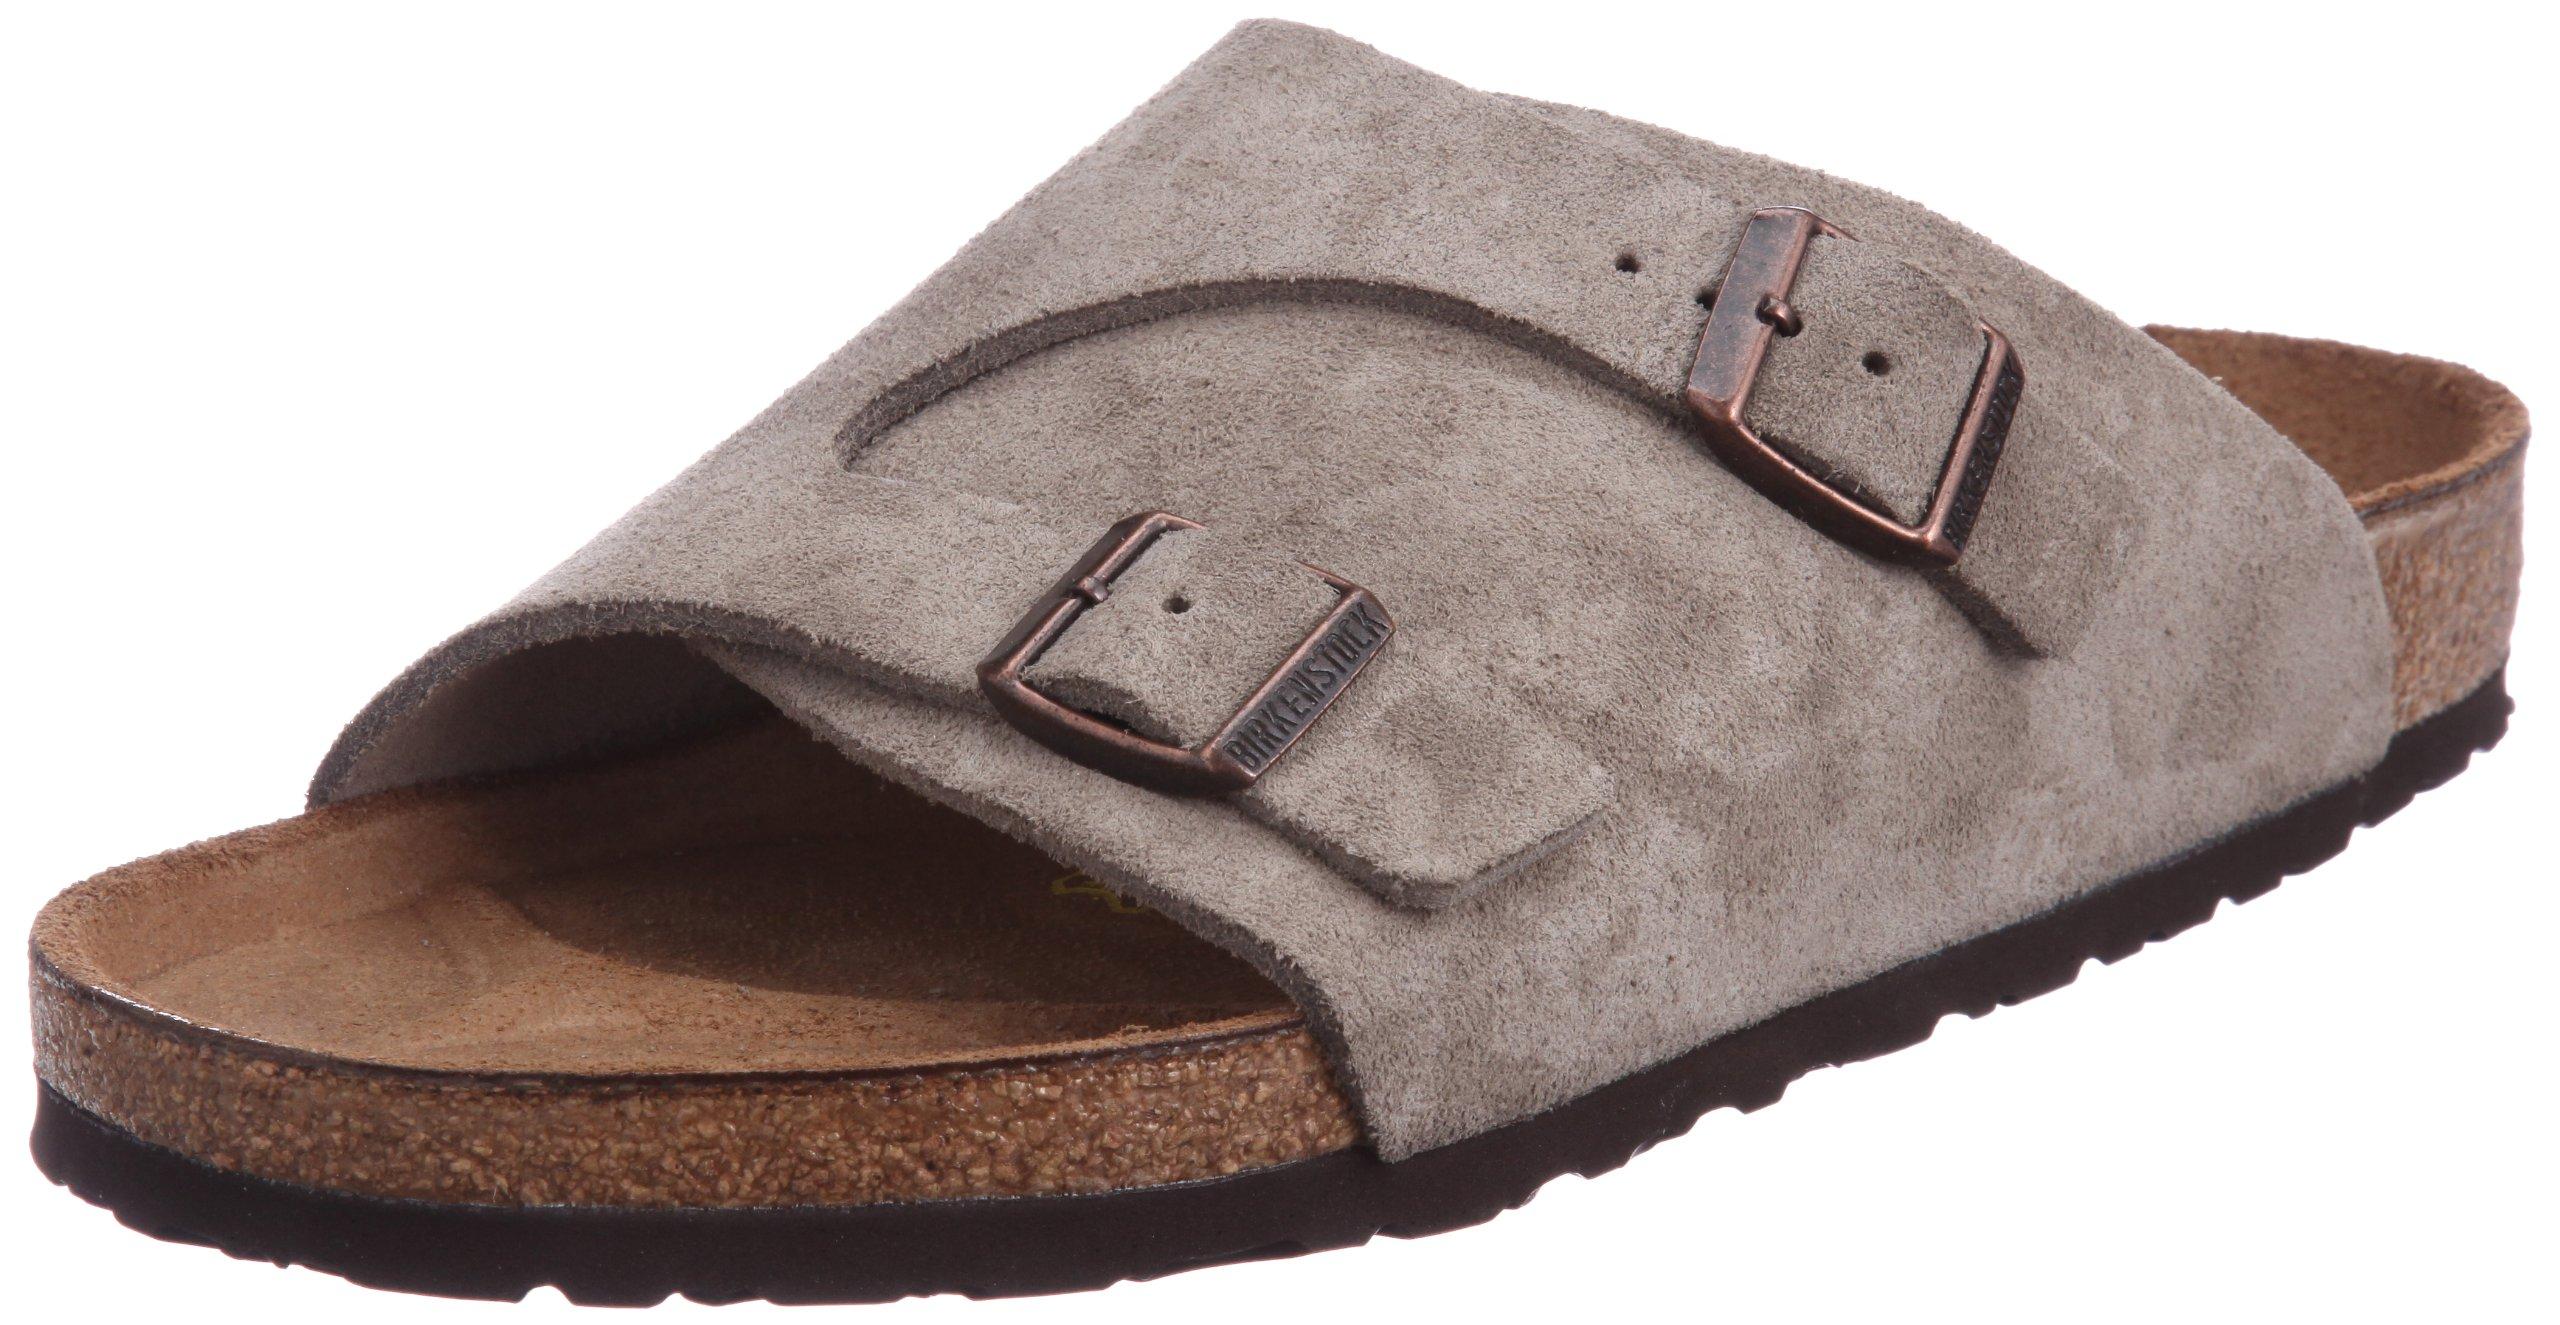 Birkenstock Men's Zurich Sandals,Brown,38 EU (5-5.5 N US Men / 7-7.5 N US Women)